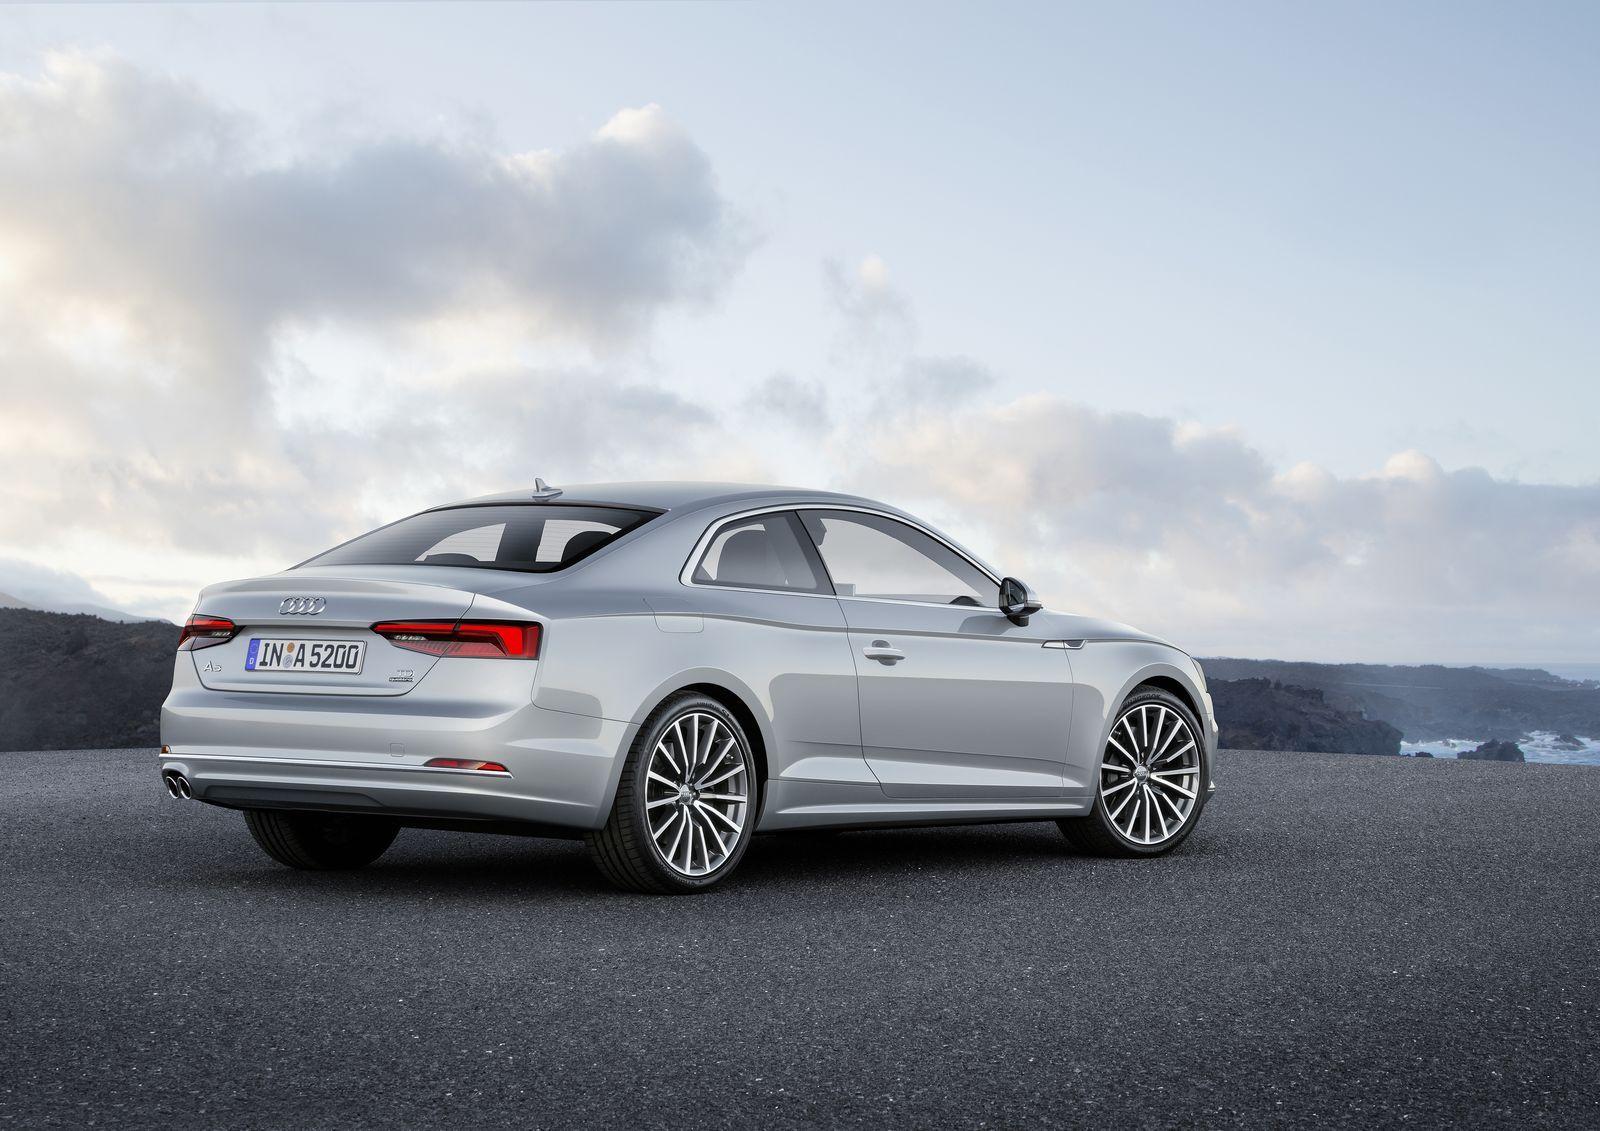 Задняя оптика и оформление двери багажника напоминает рестайлинговый Audi A8 и новый Audi A4